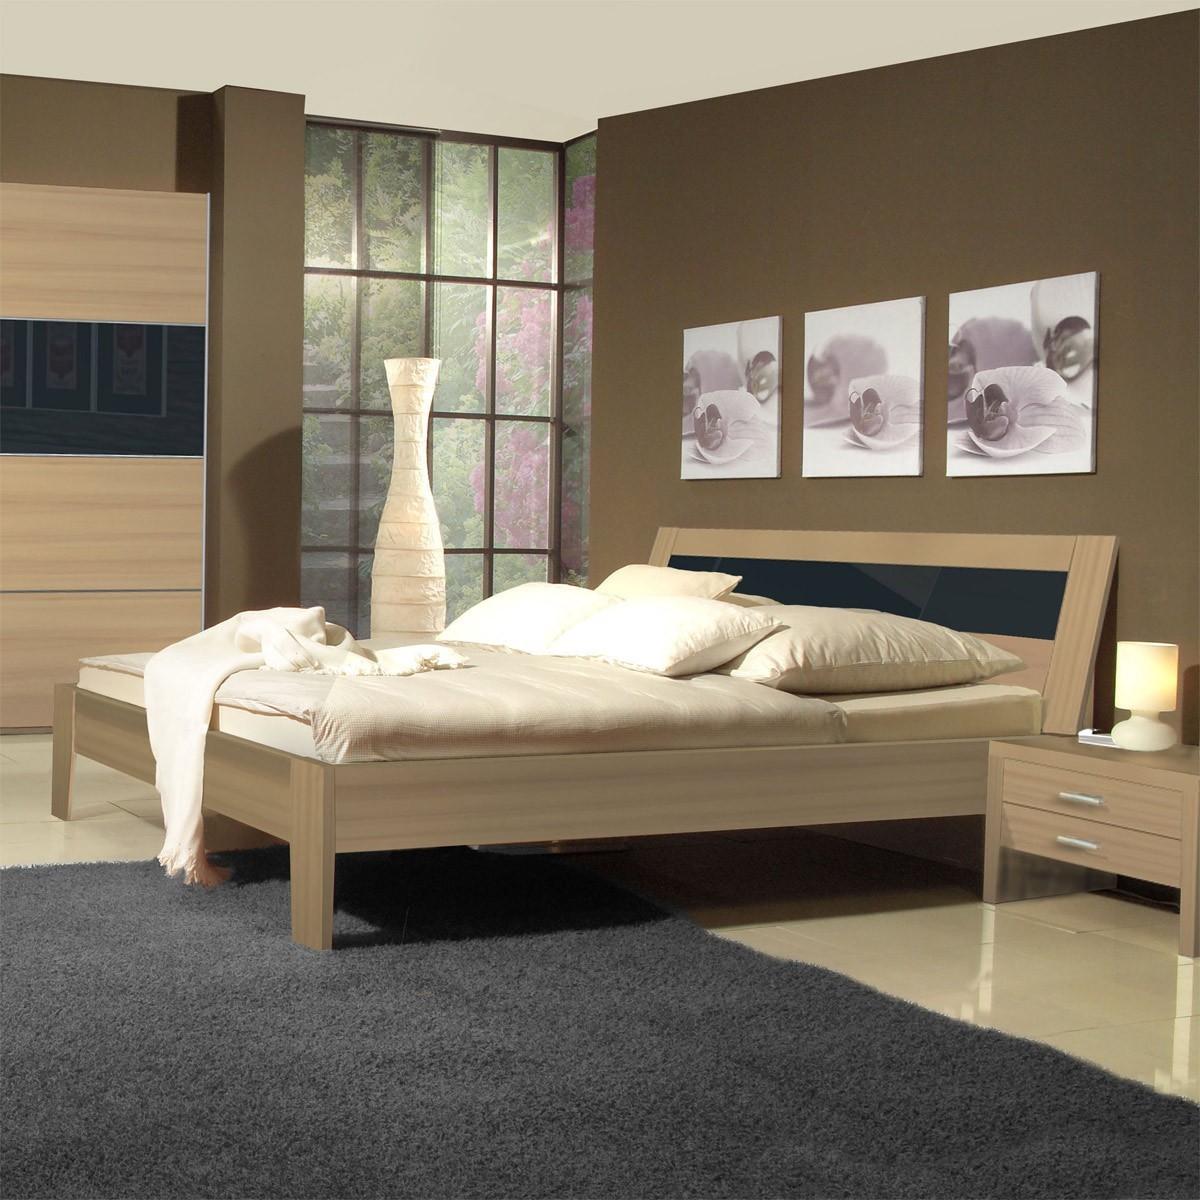 Bett futonbett schlafzimmer 140cm breit buche und glas grau neu ebay - Schlafzimmer bei ebay ...